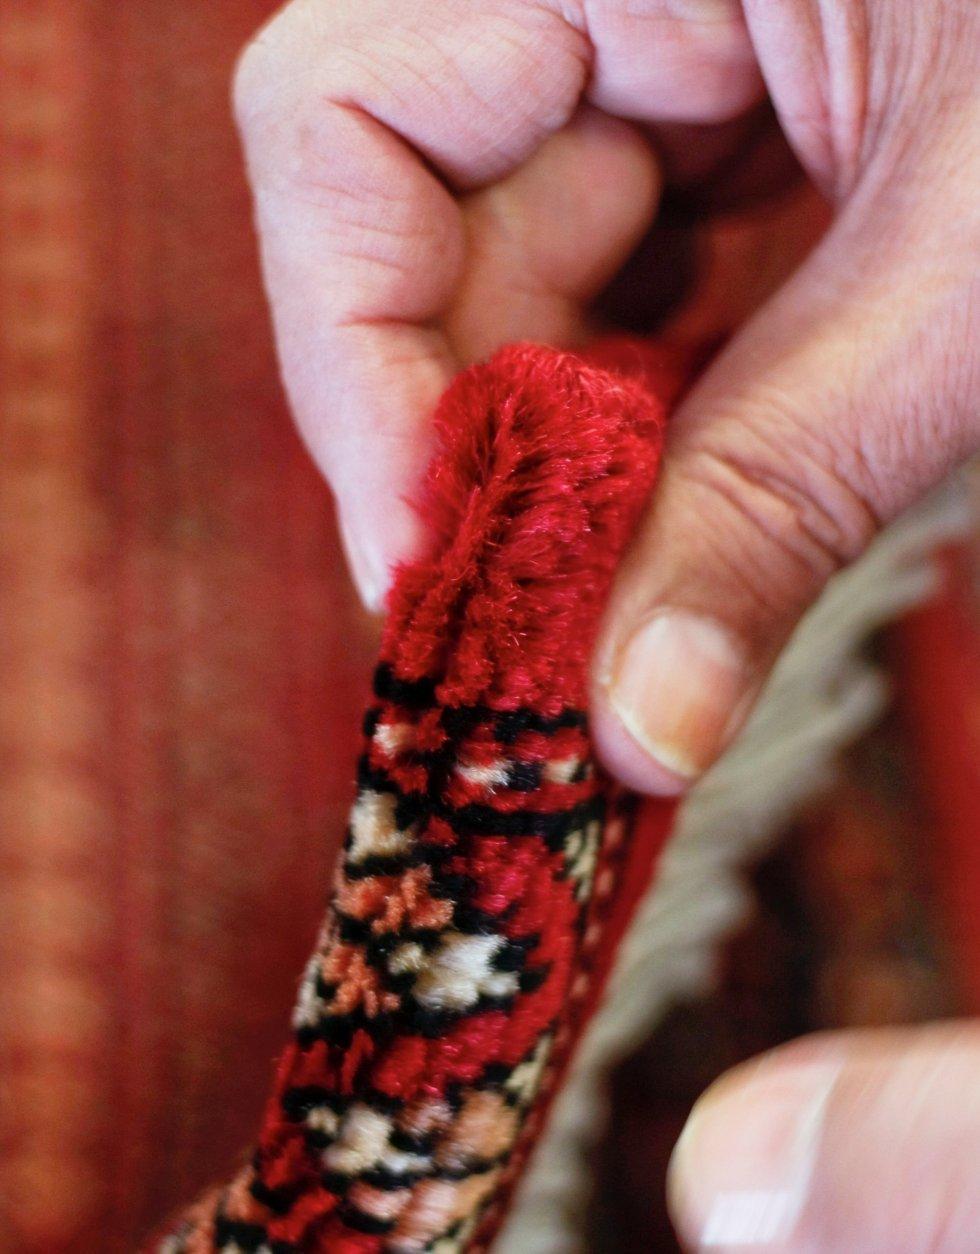 Et håndlaget teppe består av ull- eller silketråder knyttet rundt renningstrådene. Hvis du bretter teppet og prøver å trekke ut en tråd, vil du ikke klare det på ekte vare. På maskinvevde tepper, derimot, kan du lettere plukke ut trådstumper.